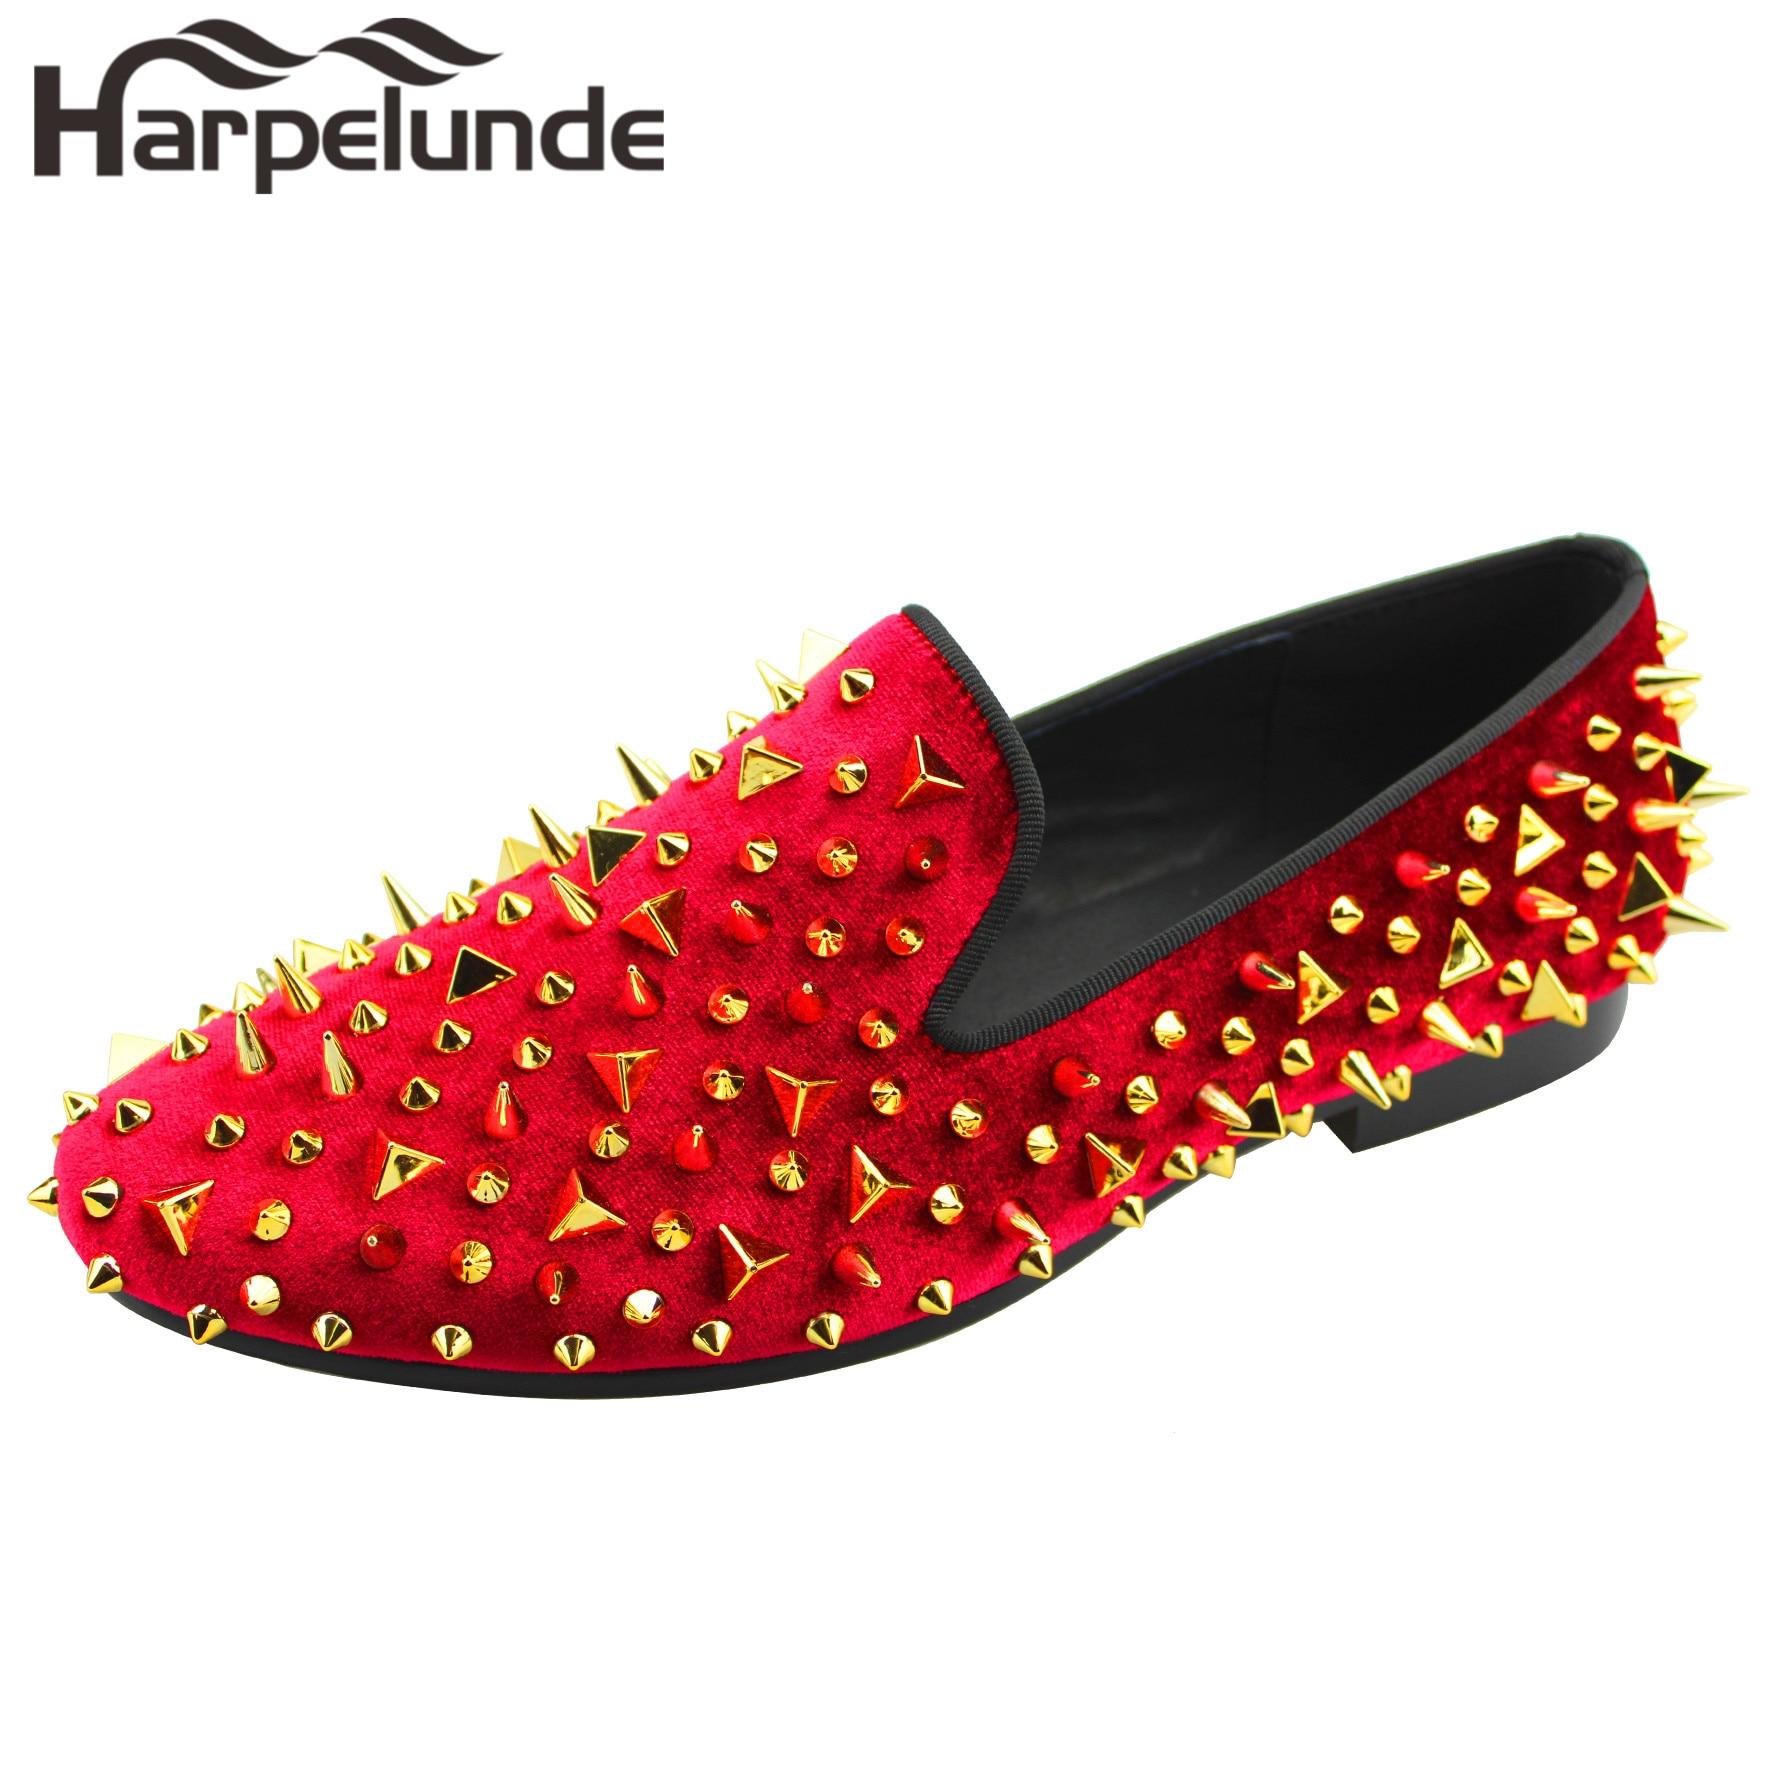 Scarpe da uomo degli appartamenti di cristallo bianco nero rosso scarpe casual scarpe da tennis Degli Uomini Pattini Del Partito Punta Rotonda Lace up Scarpe Basse fannullone scarpe di Cuoio - 2